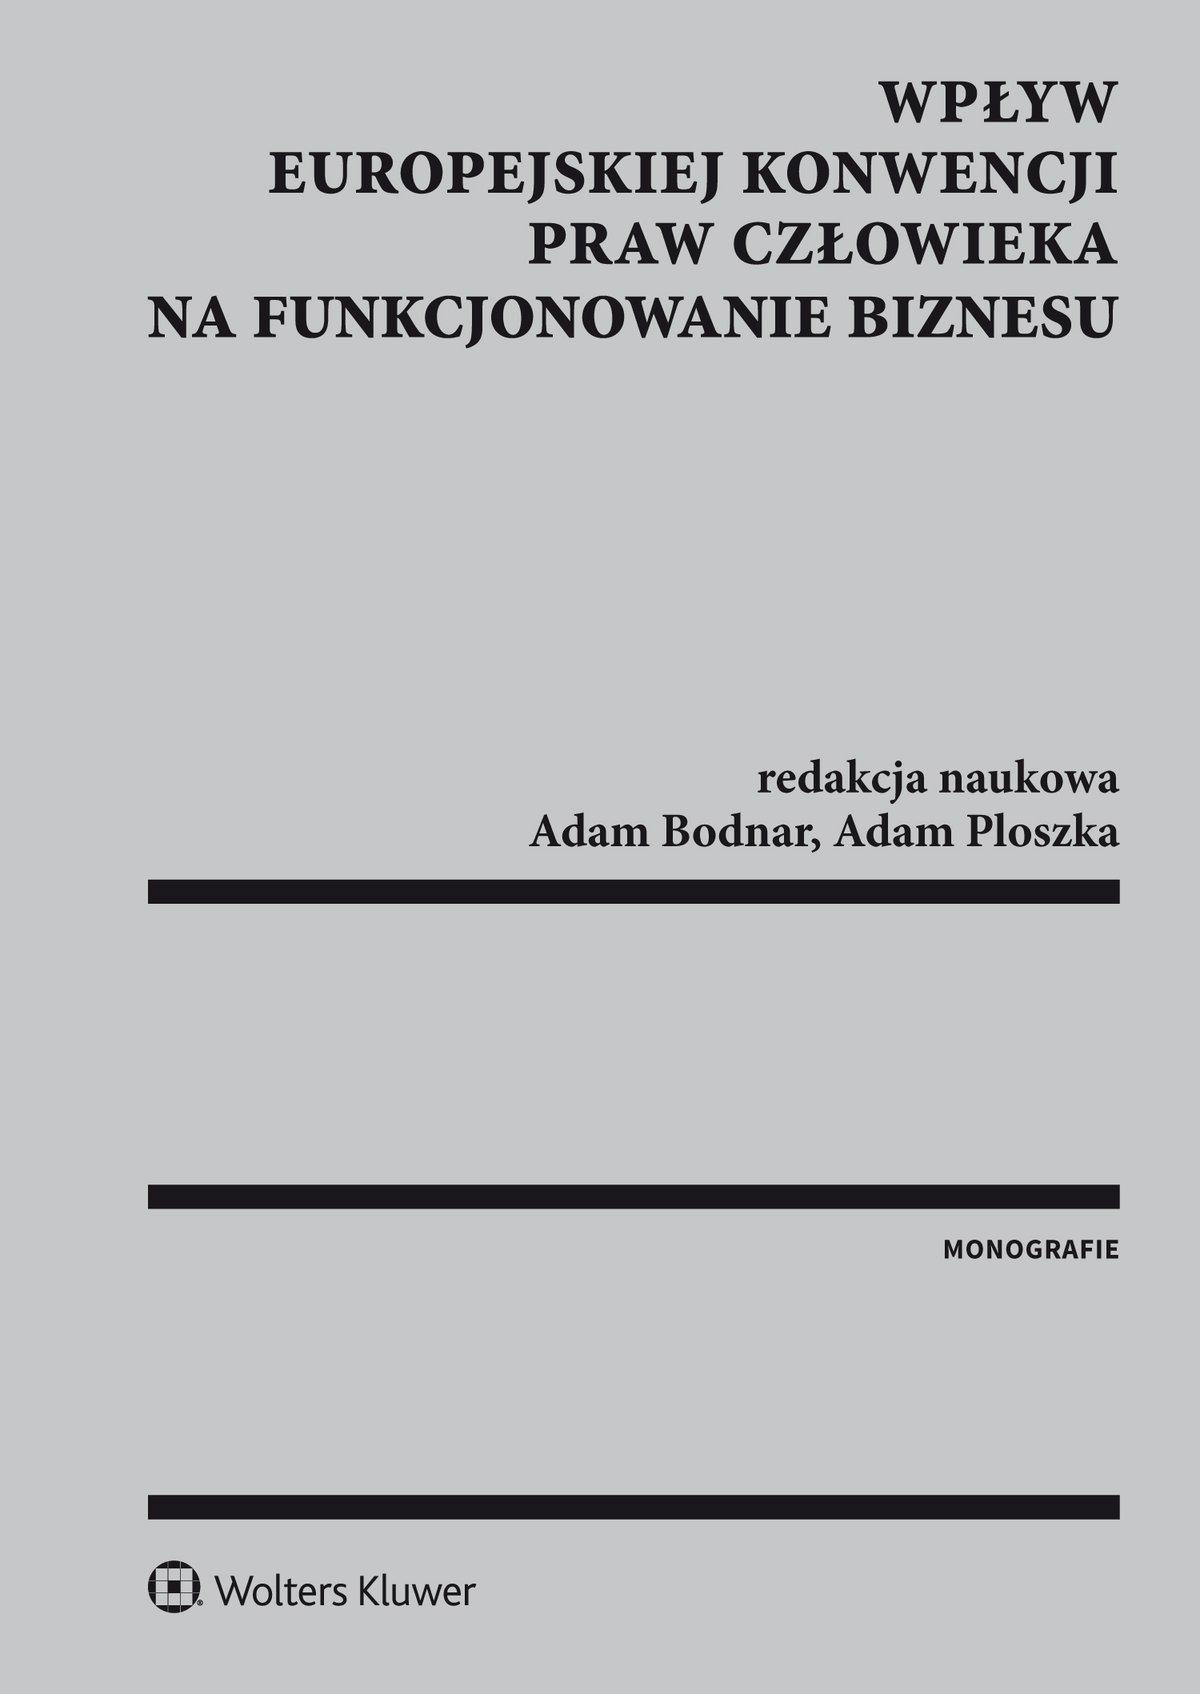 Wpływ Europejskiej Konwencji Praw Człowieka na funkcjonowanie biznesu - Ebook (Książka EPUB) do pobrania w formacie EPUB